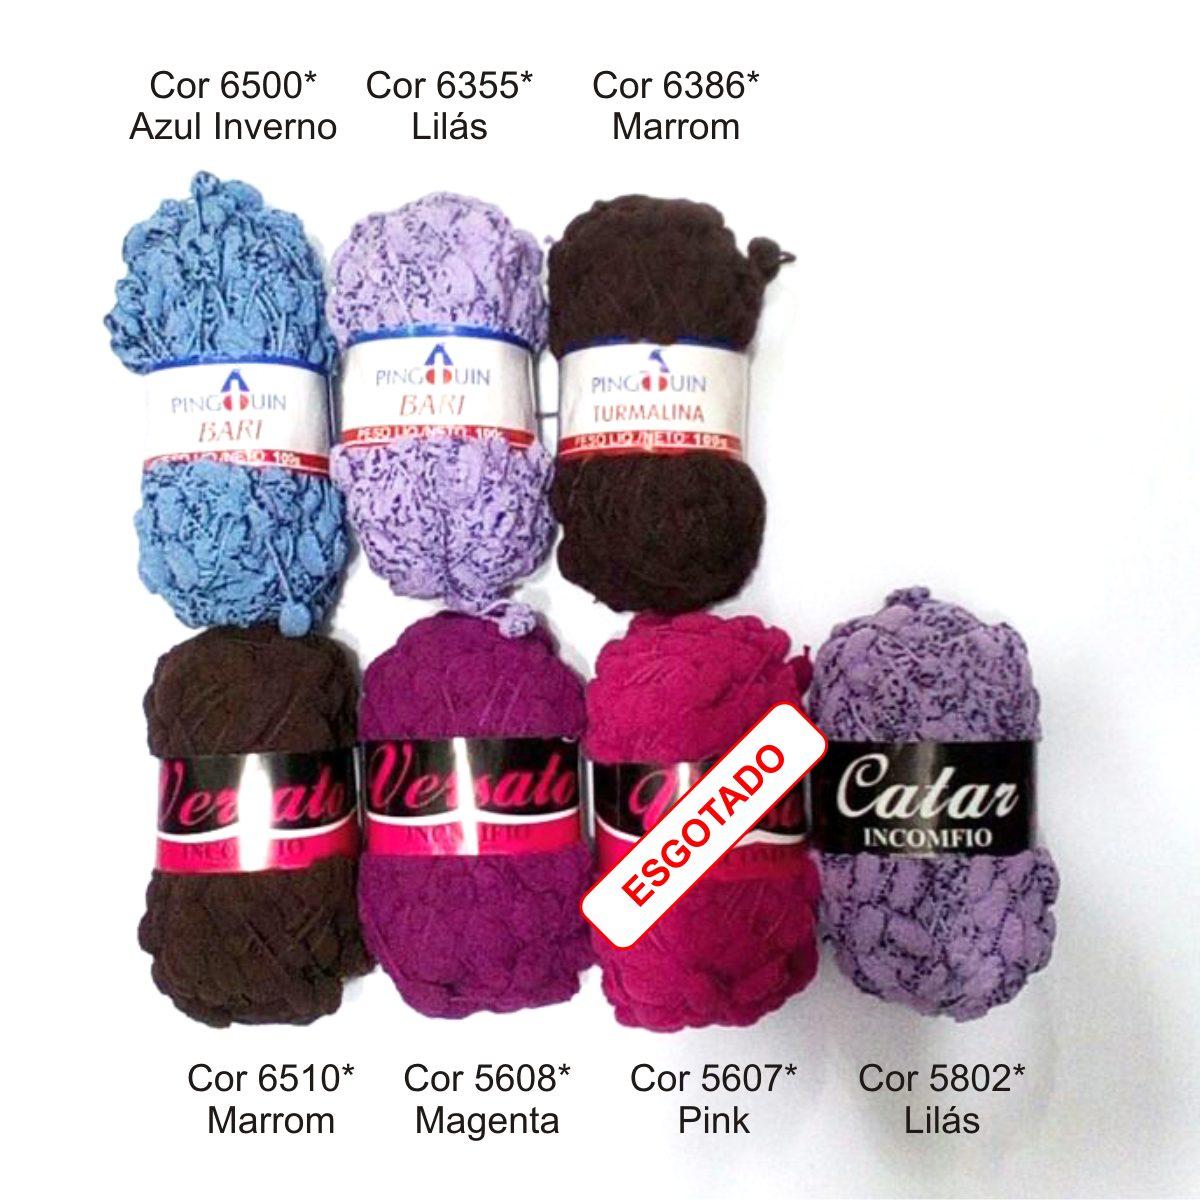 10x novelos lã pompom diversas marcas - várias cores. Carregando zoom. 9ebe9c77fe4